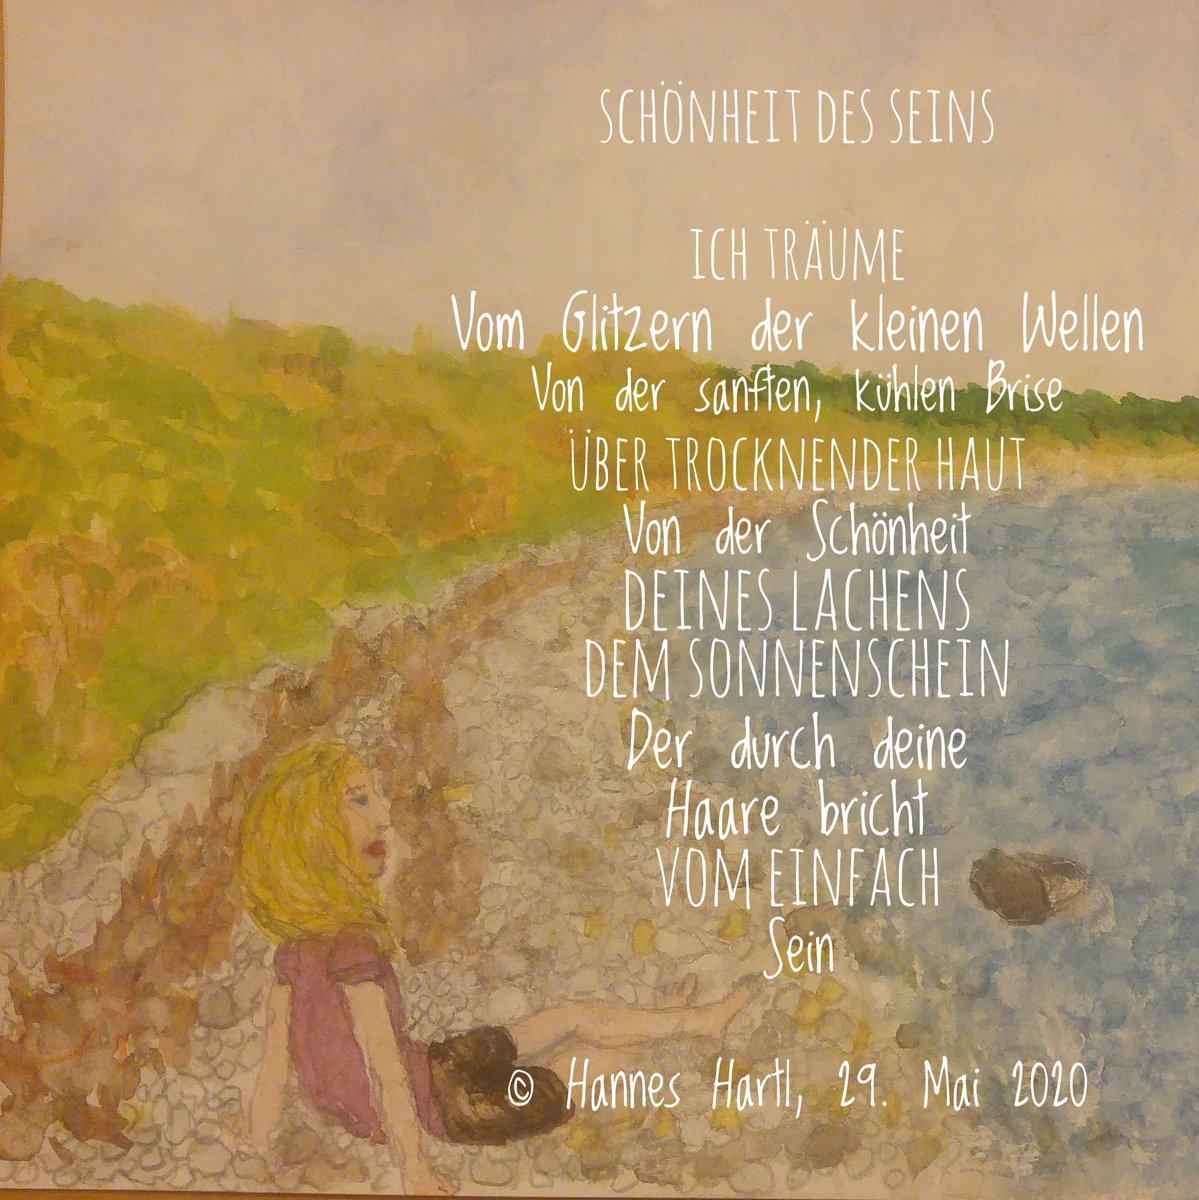 """Ein Gedicht und ein Aquarell zum Thema """"Schönheit""""  #Aquarell #art #beach #beauty #denmark #Dänemark #drawing #Küste #Kunst #Meer #Schönheit #sea #shore #Strand #waterColors #Zeichnung pic.twitter.com/EtGBBhvupF"""